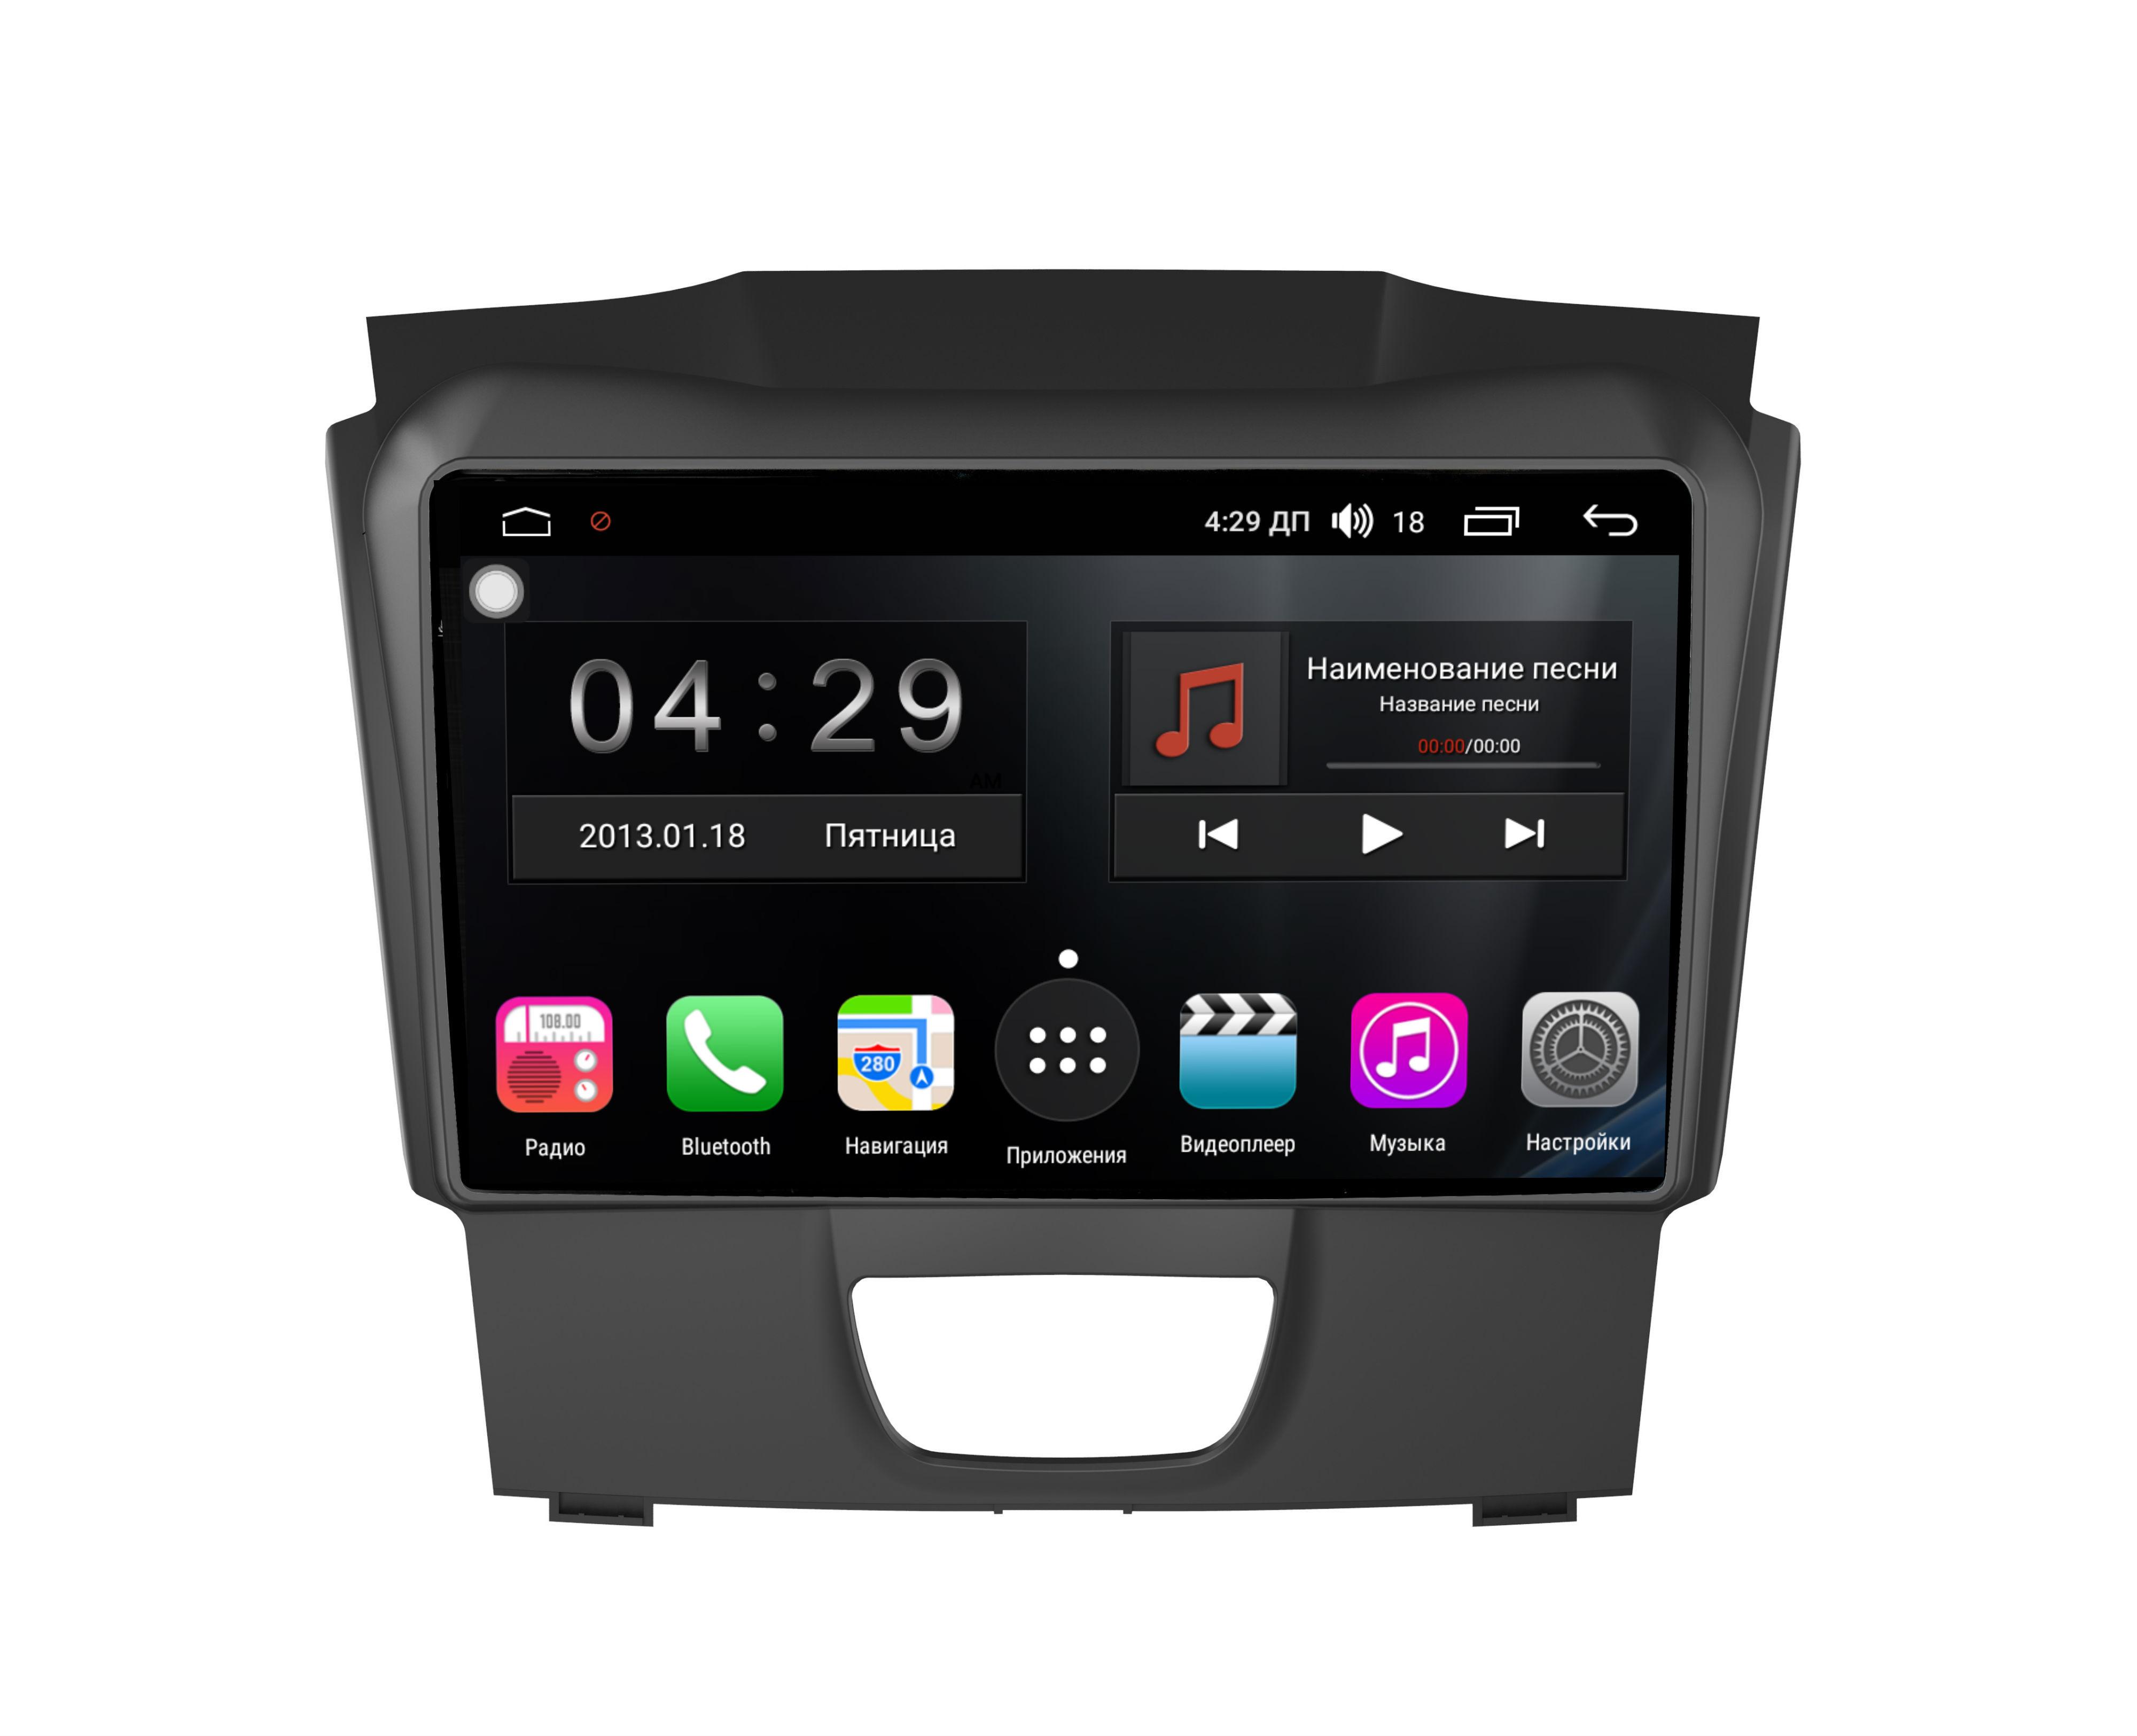 Штатная магнитола FarCar s300-SIM 4G для Chevrolet Colorado, Trailblazer на Android (RG435R) (+ Камера заднего вида в подарок!)